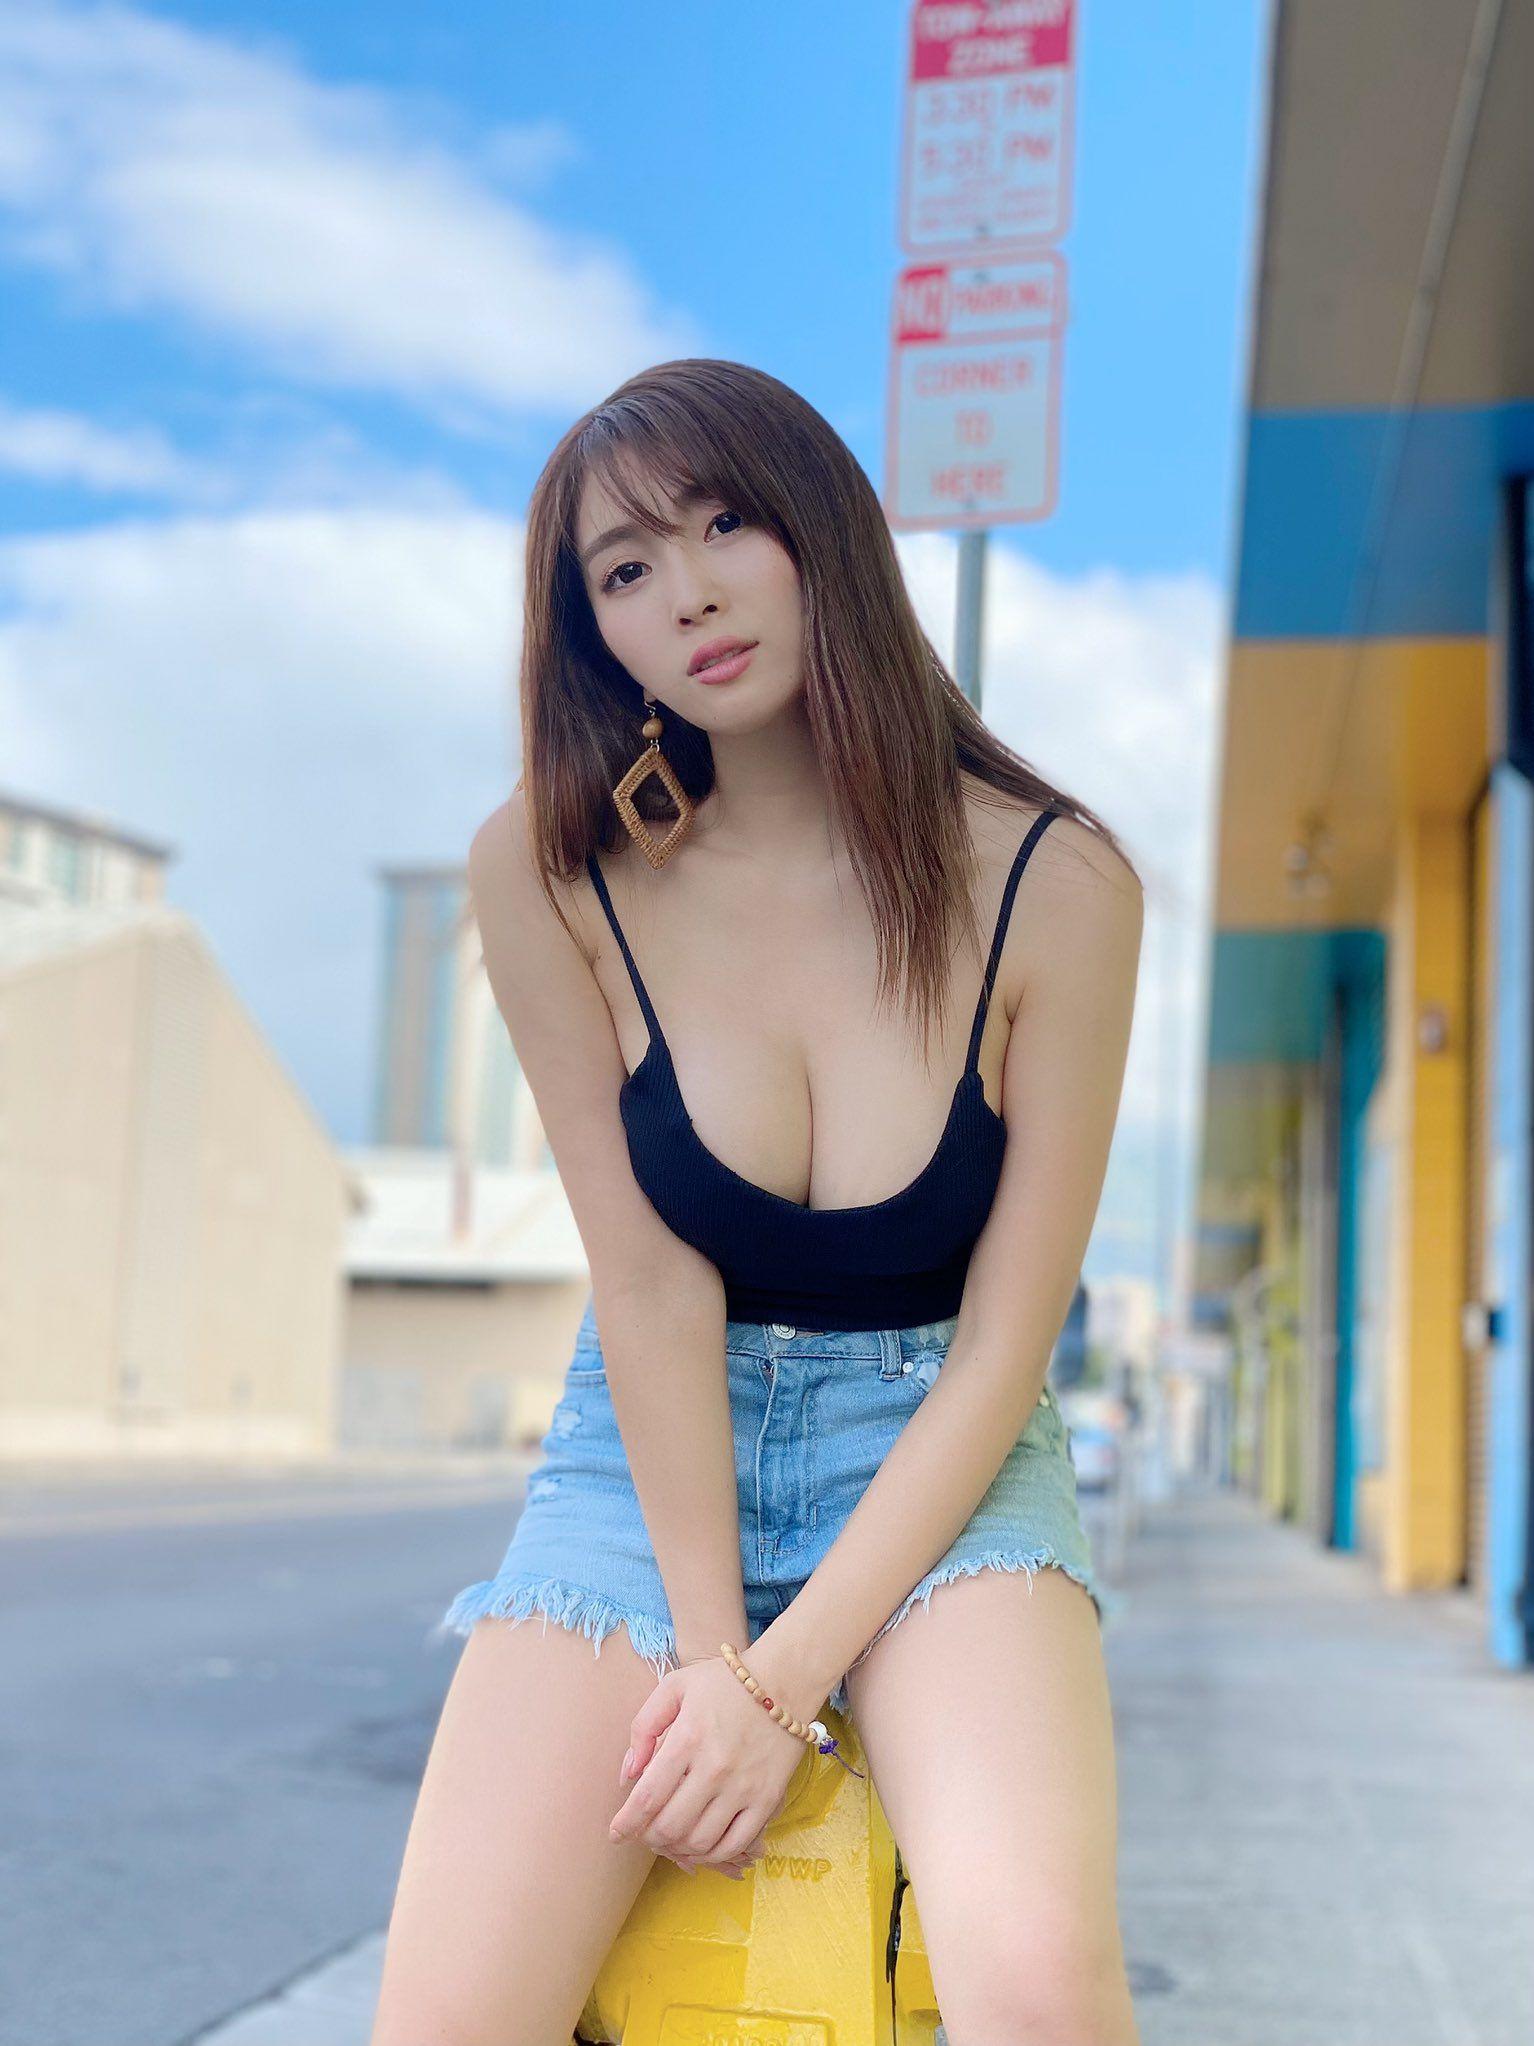 ツイッター 森咲 智美